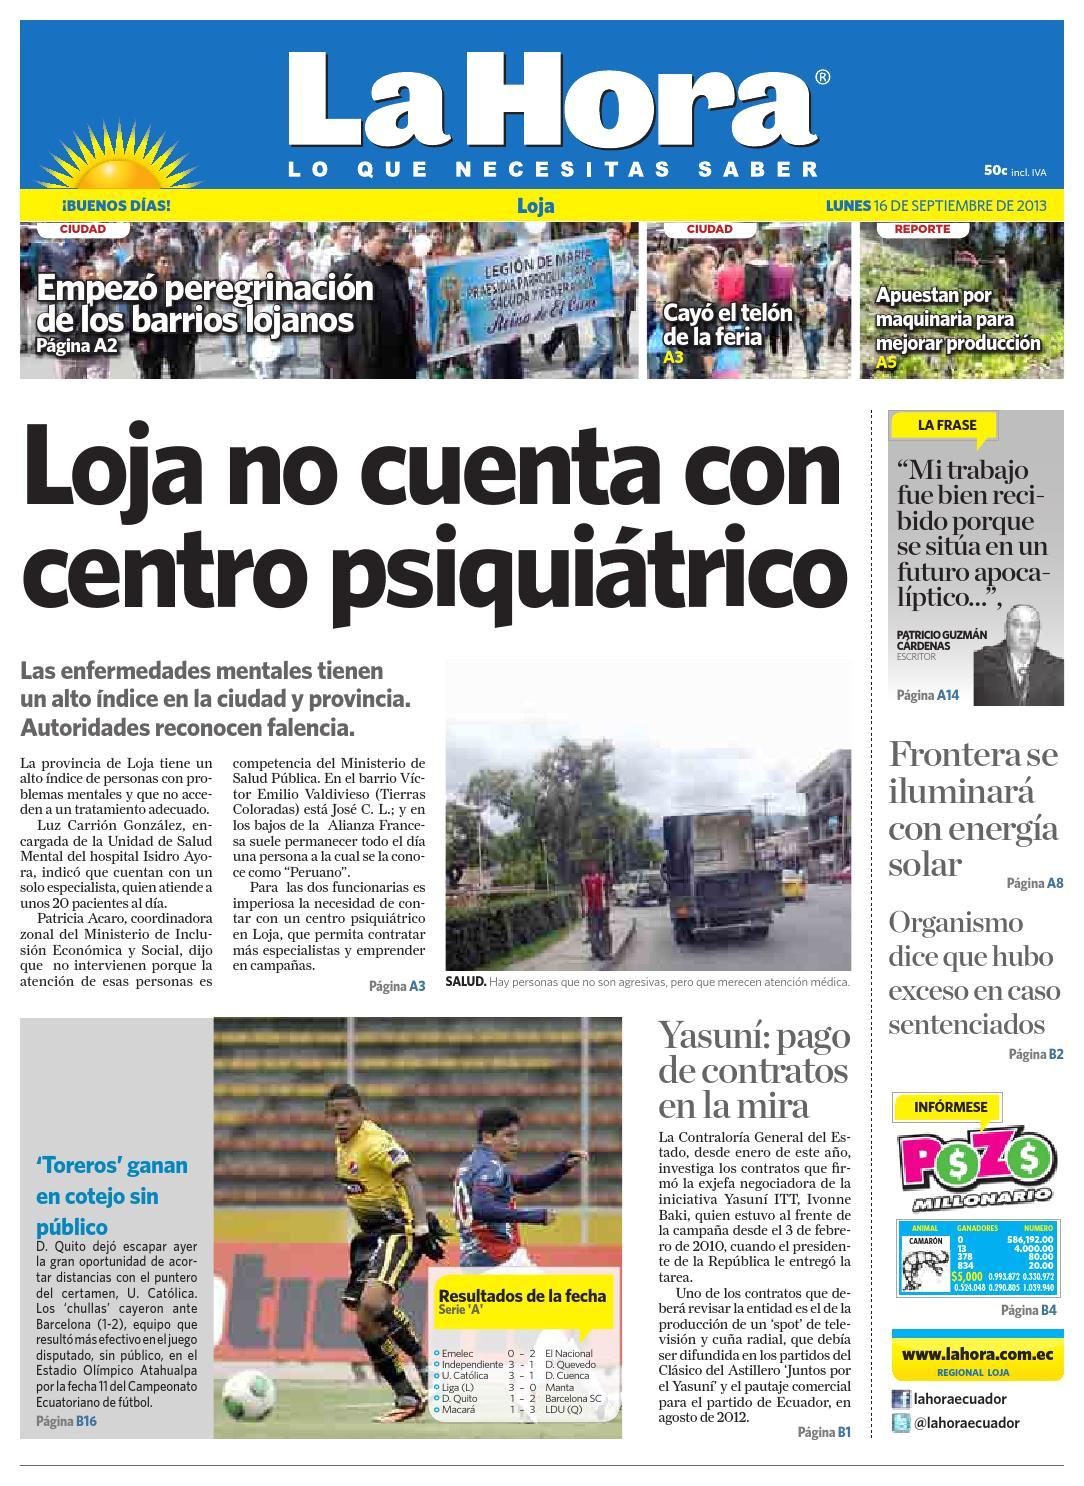 diario la hora loja 16 de septiembre 2013 by diario la hora ecuador issuu